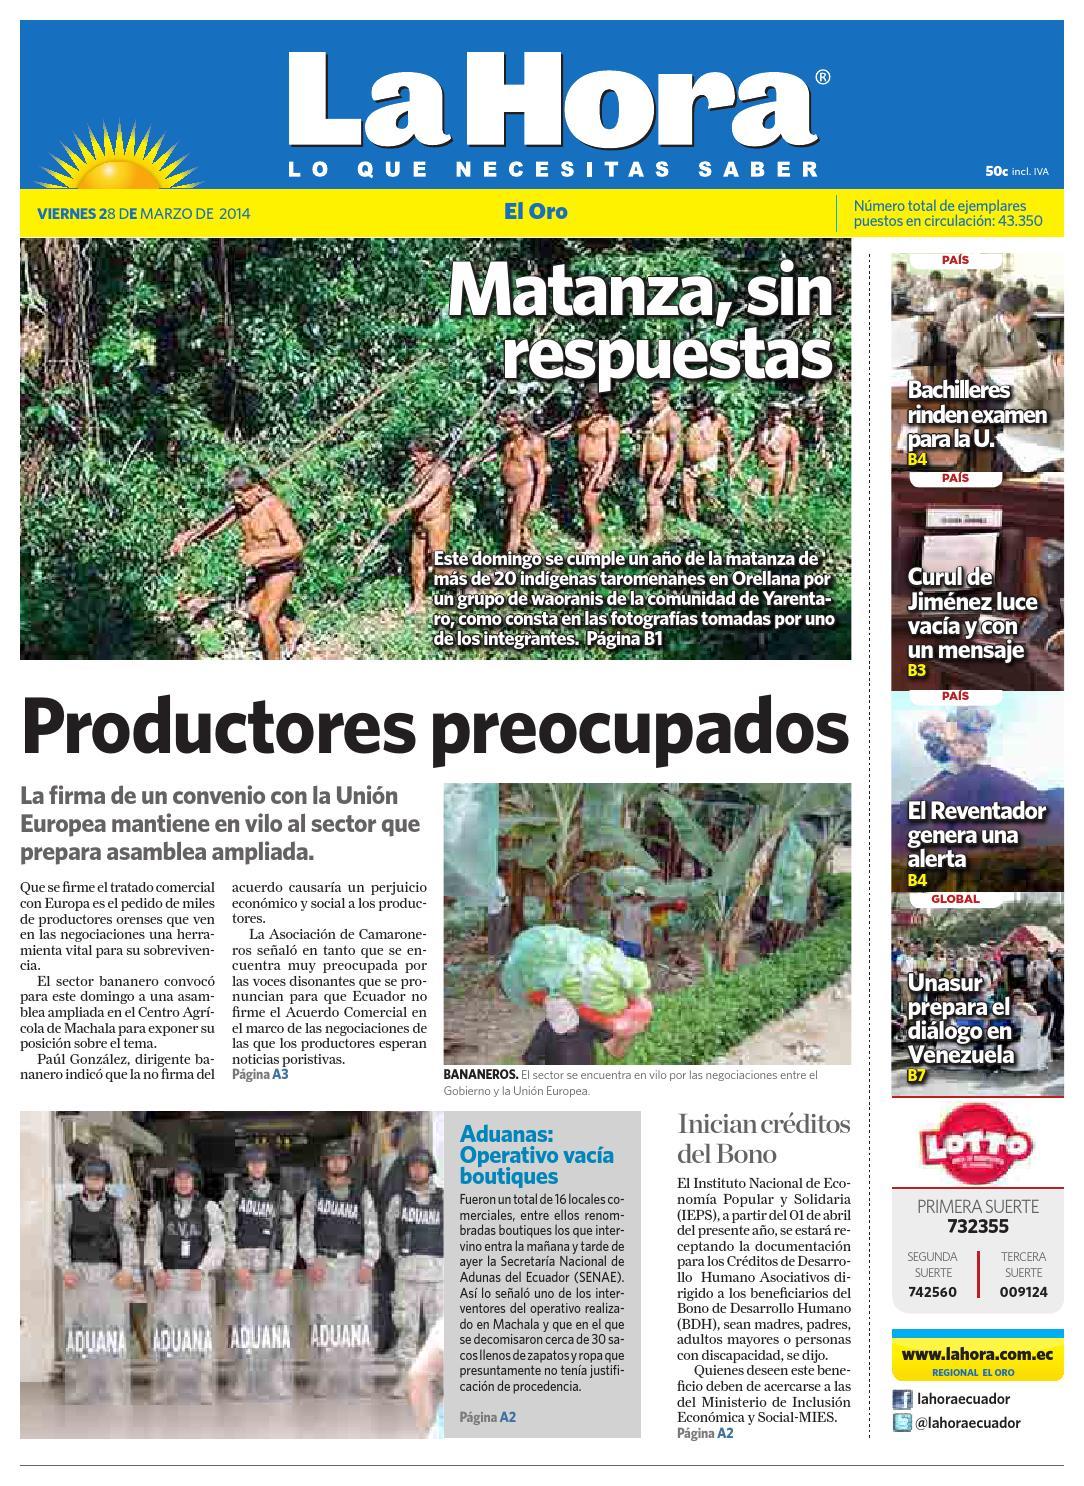 Diario La Hora El Oro 28 de Marzo 2014 by Diario La Hora Ecuador - issuu 7142c5af61e1